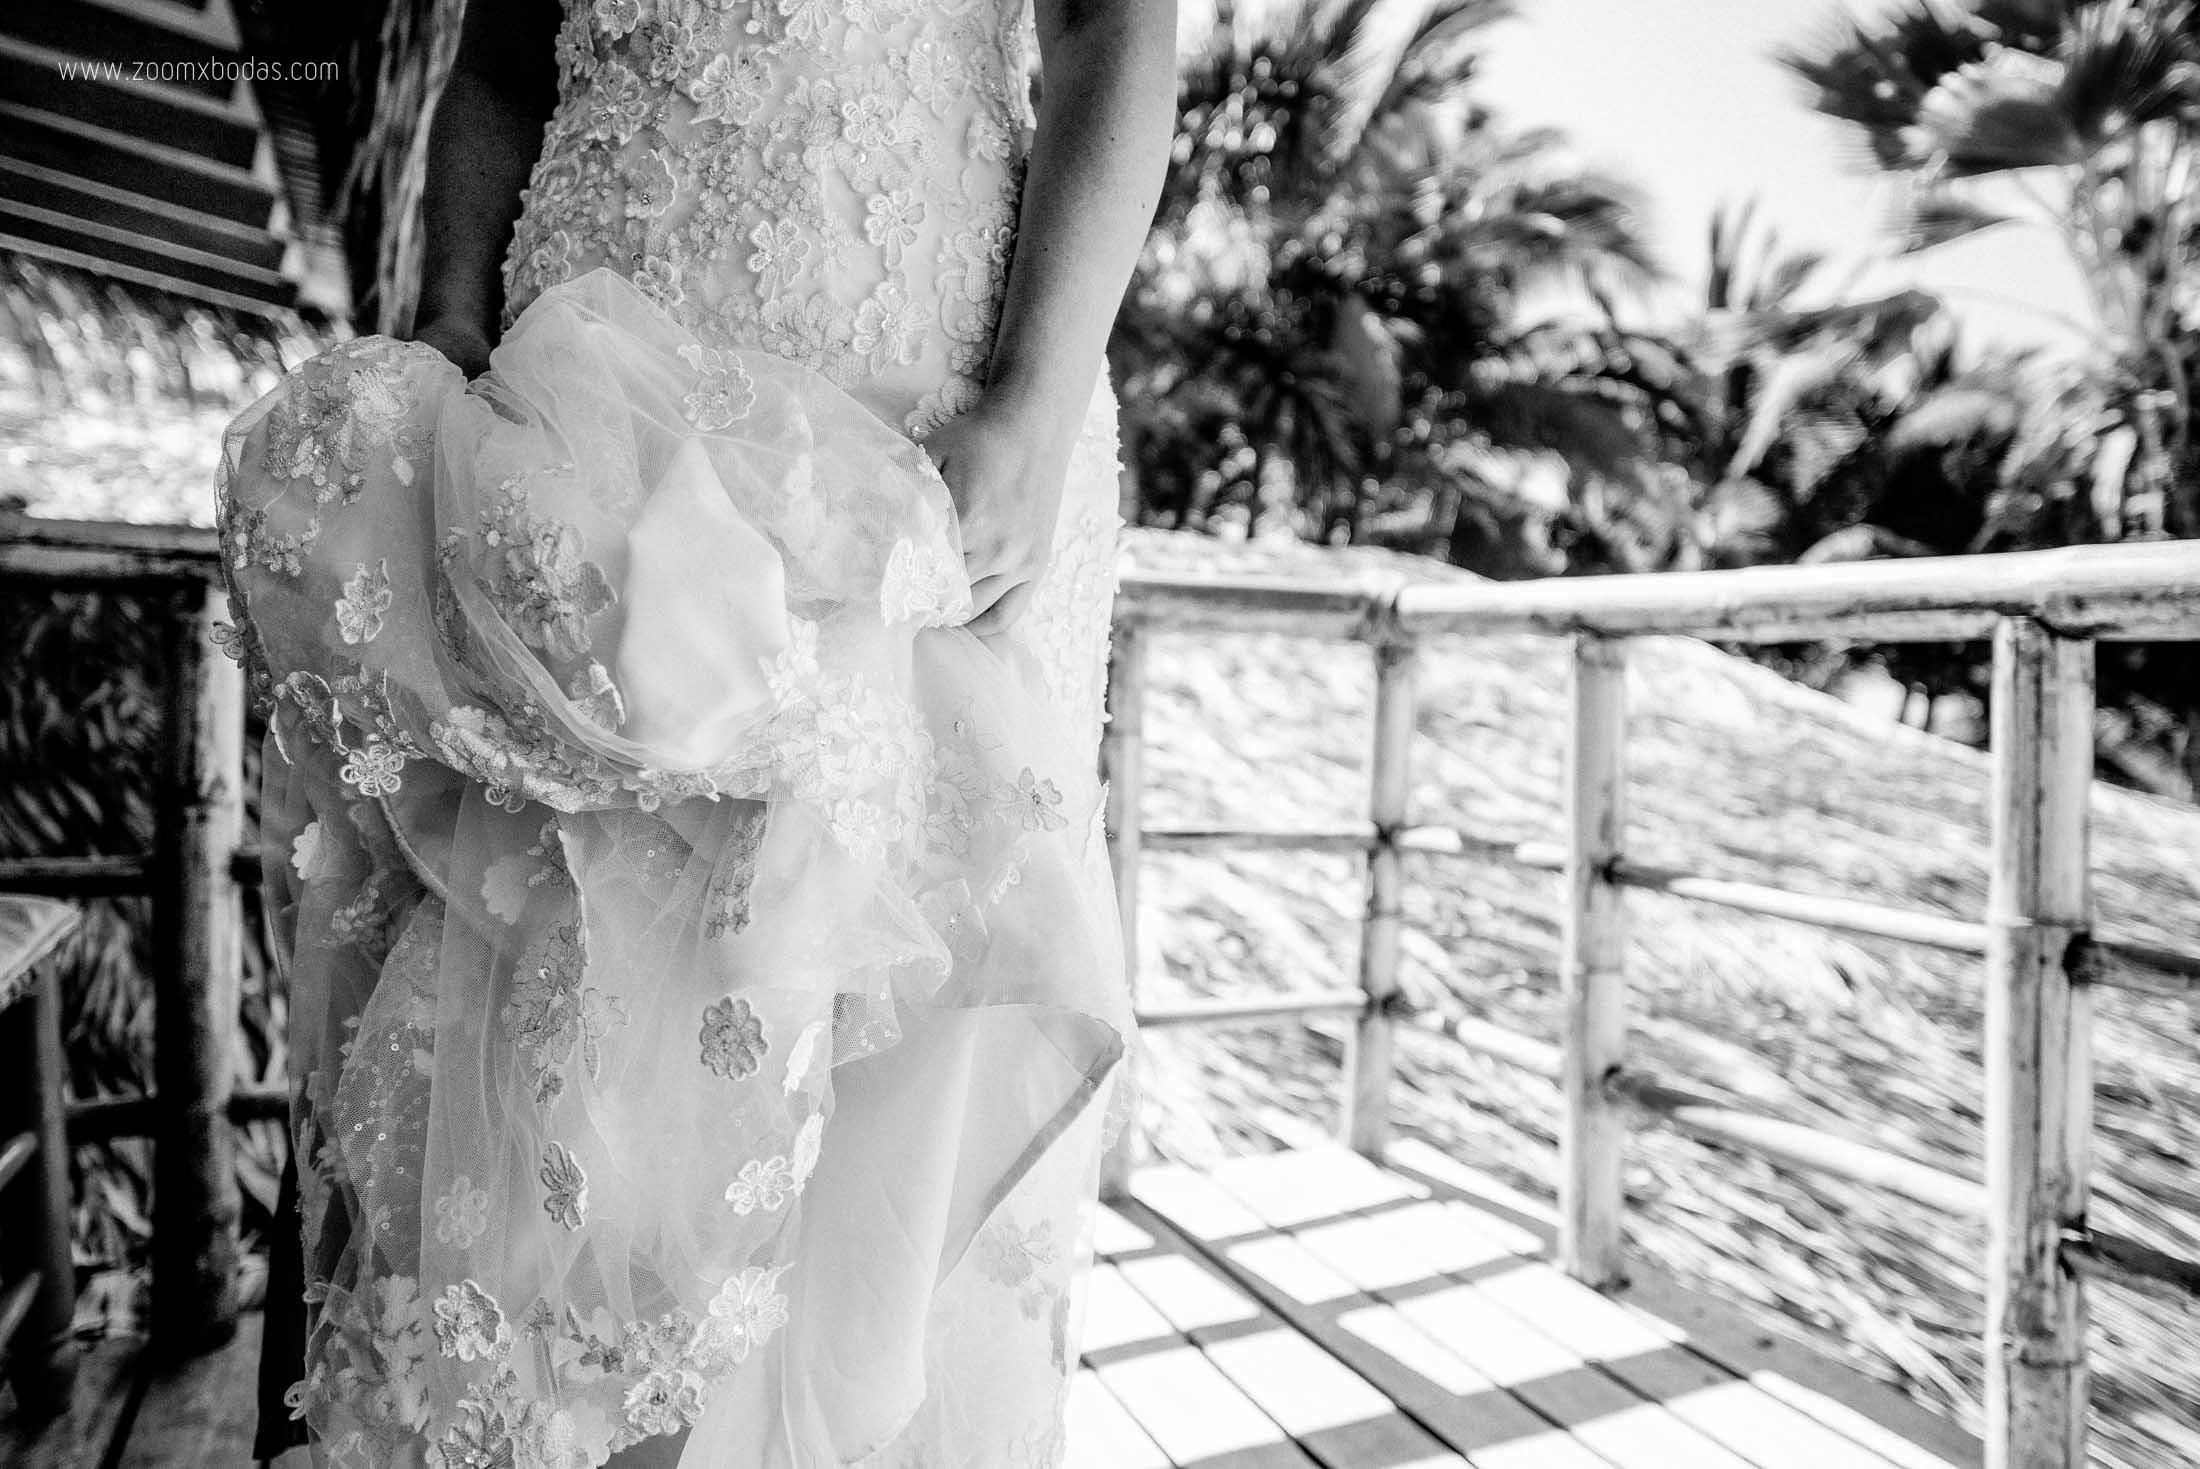 boda lya y walter en rocapulco mancora, fotografo de bodas en mancora, fotografo de bodas en piura, fotografia profesional, boda en playa, zoomx studio, erick ruiz _001